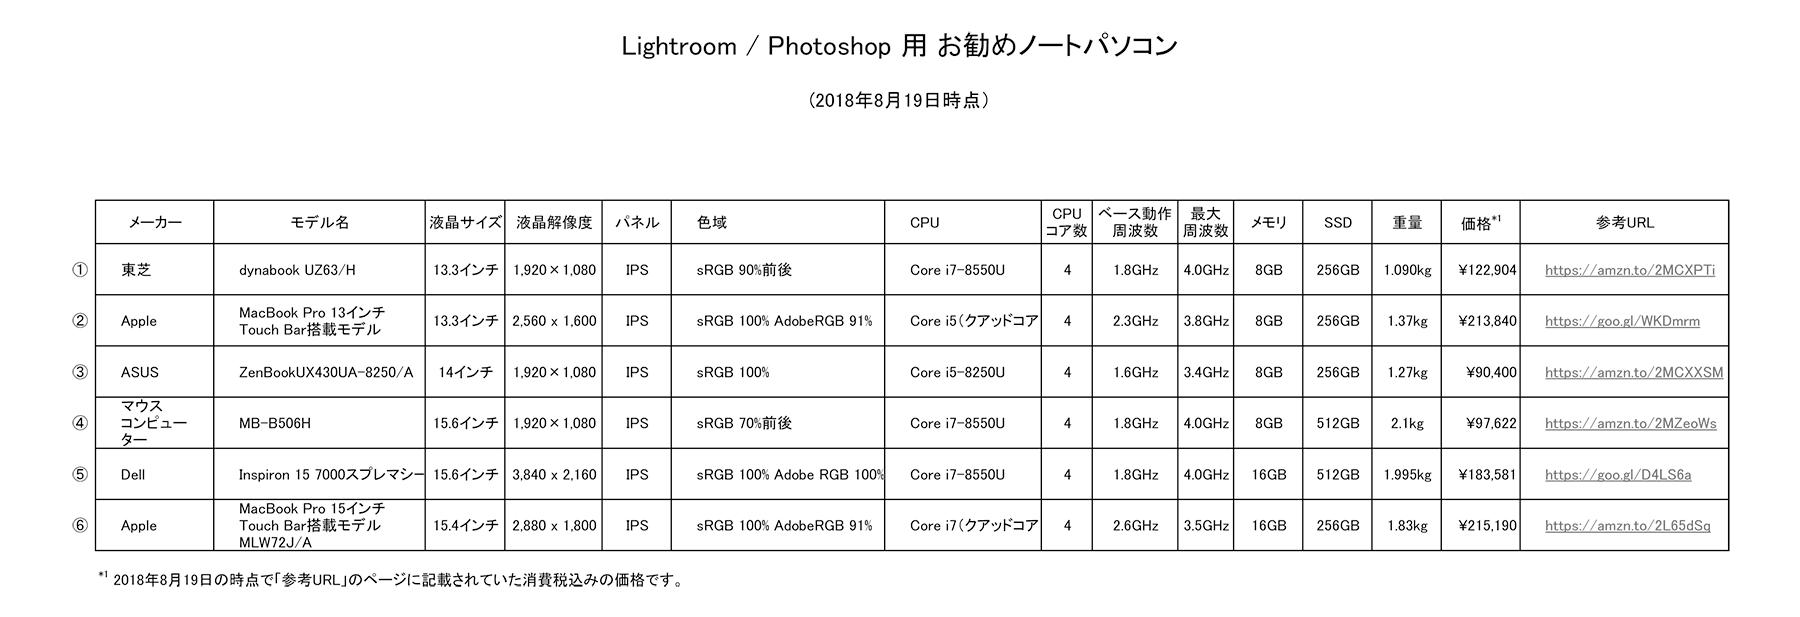 ライトルームとフォトショップに適したパソコンの一覧